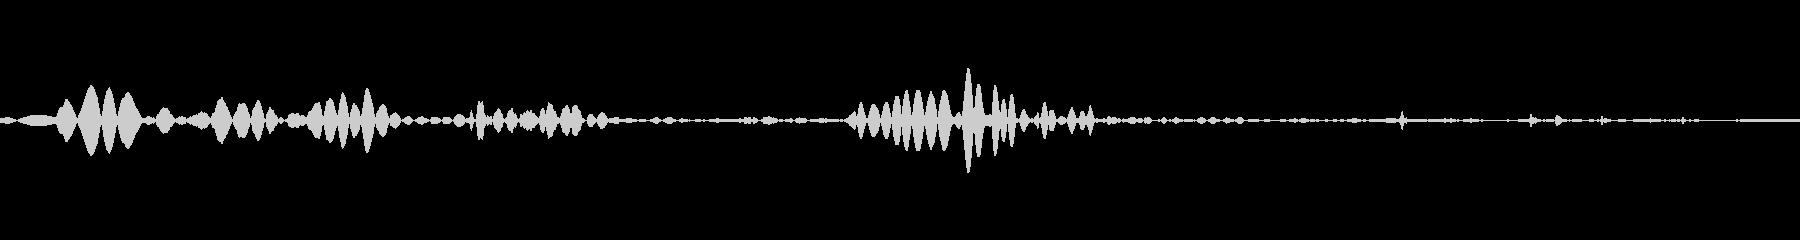 ゴクリ、のどを鳴らす音の未再生の波形